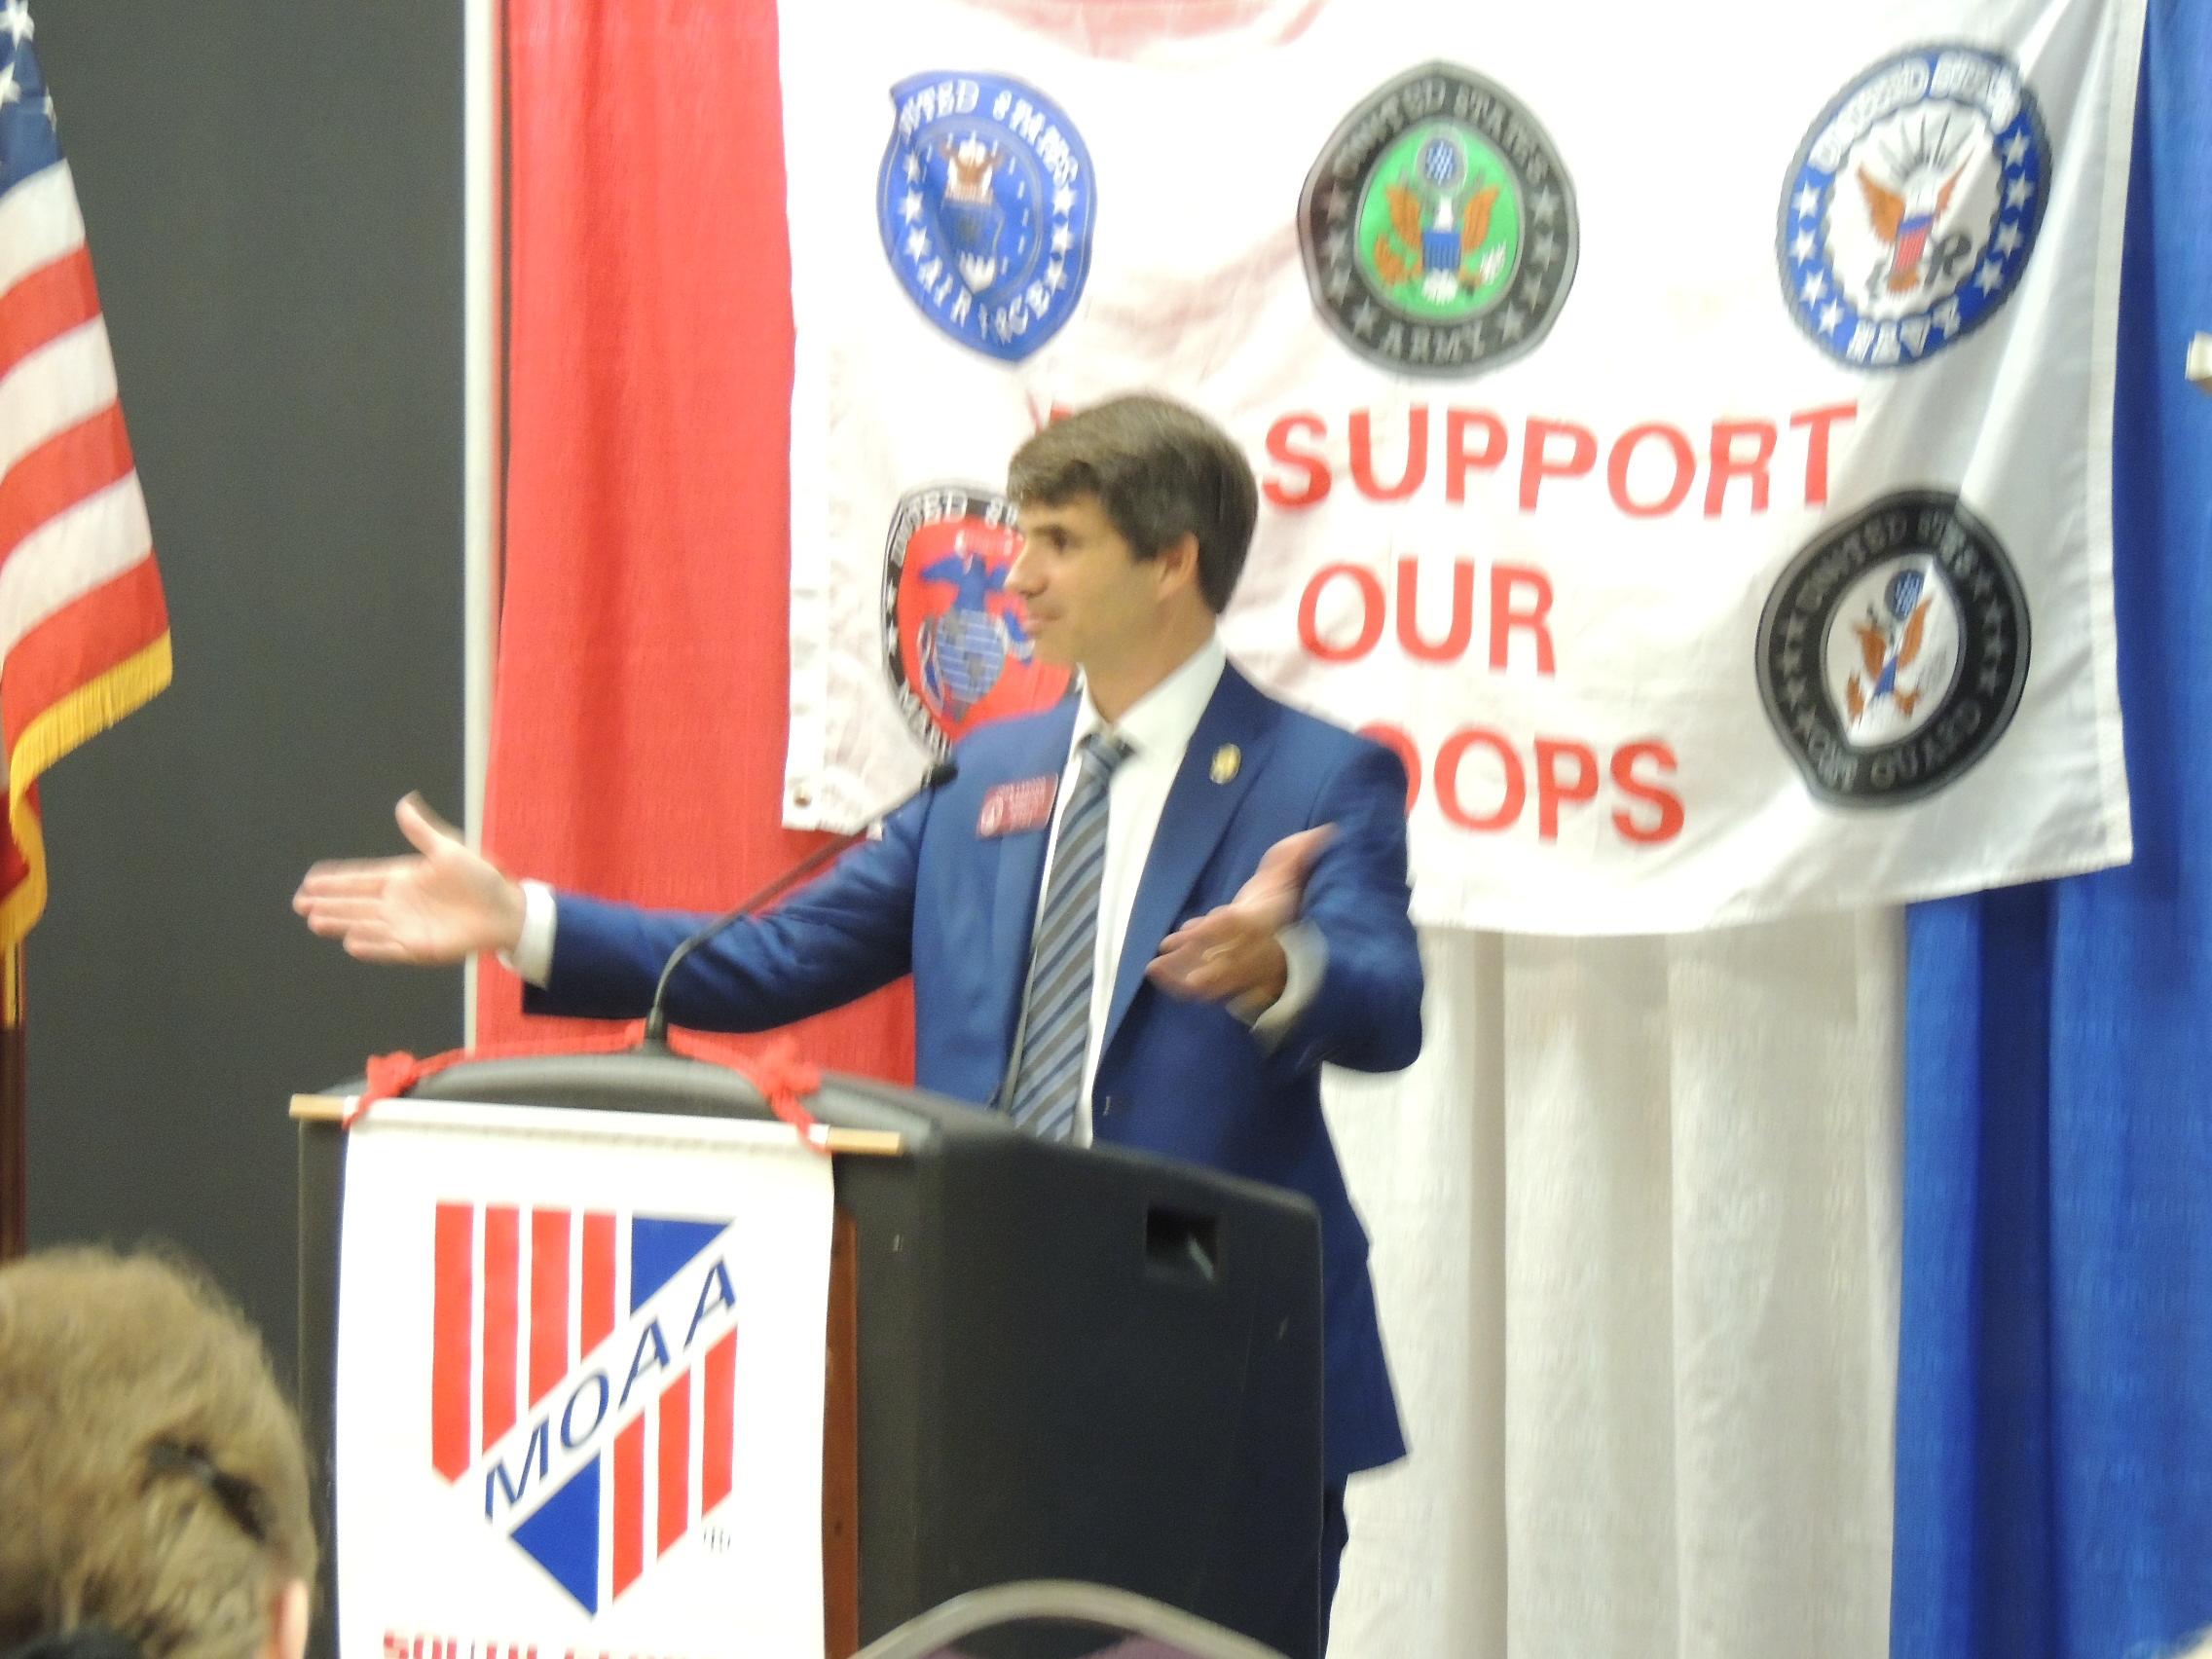 State Representative John Lahood